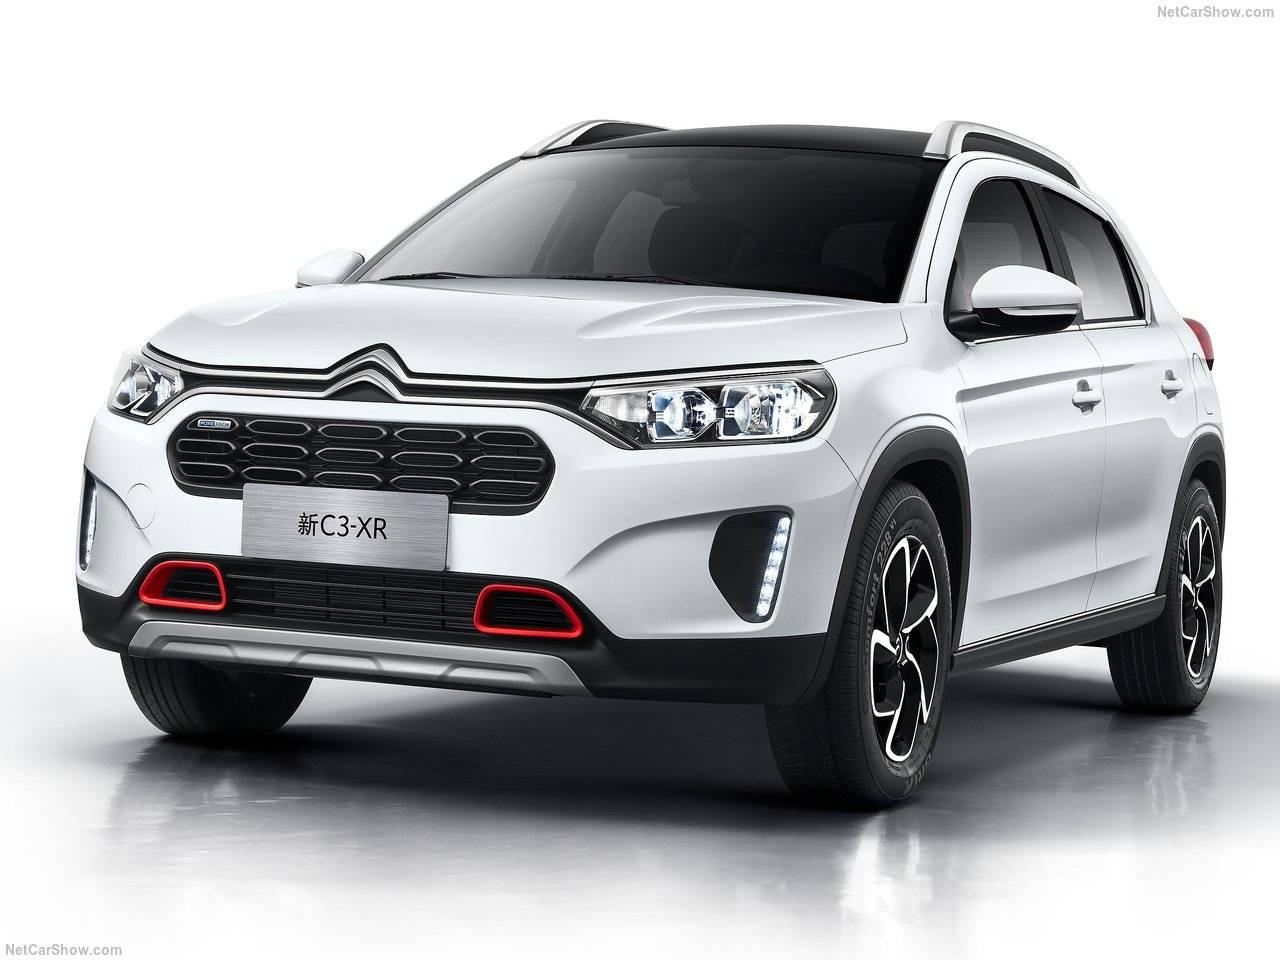 シトロエンから新型C3-XRが登場、中国市場で人気のSUV!